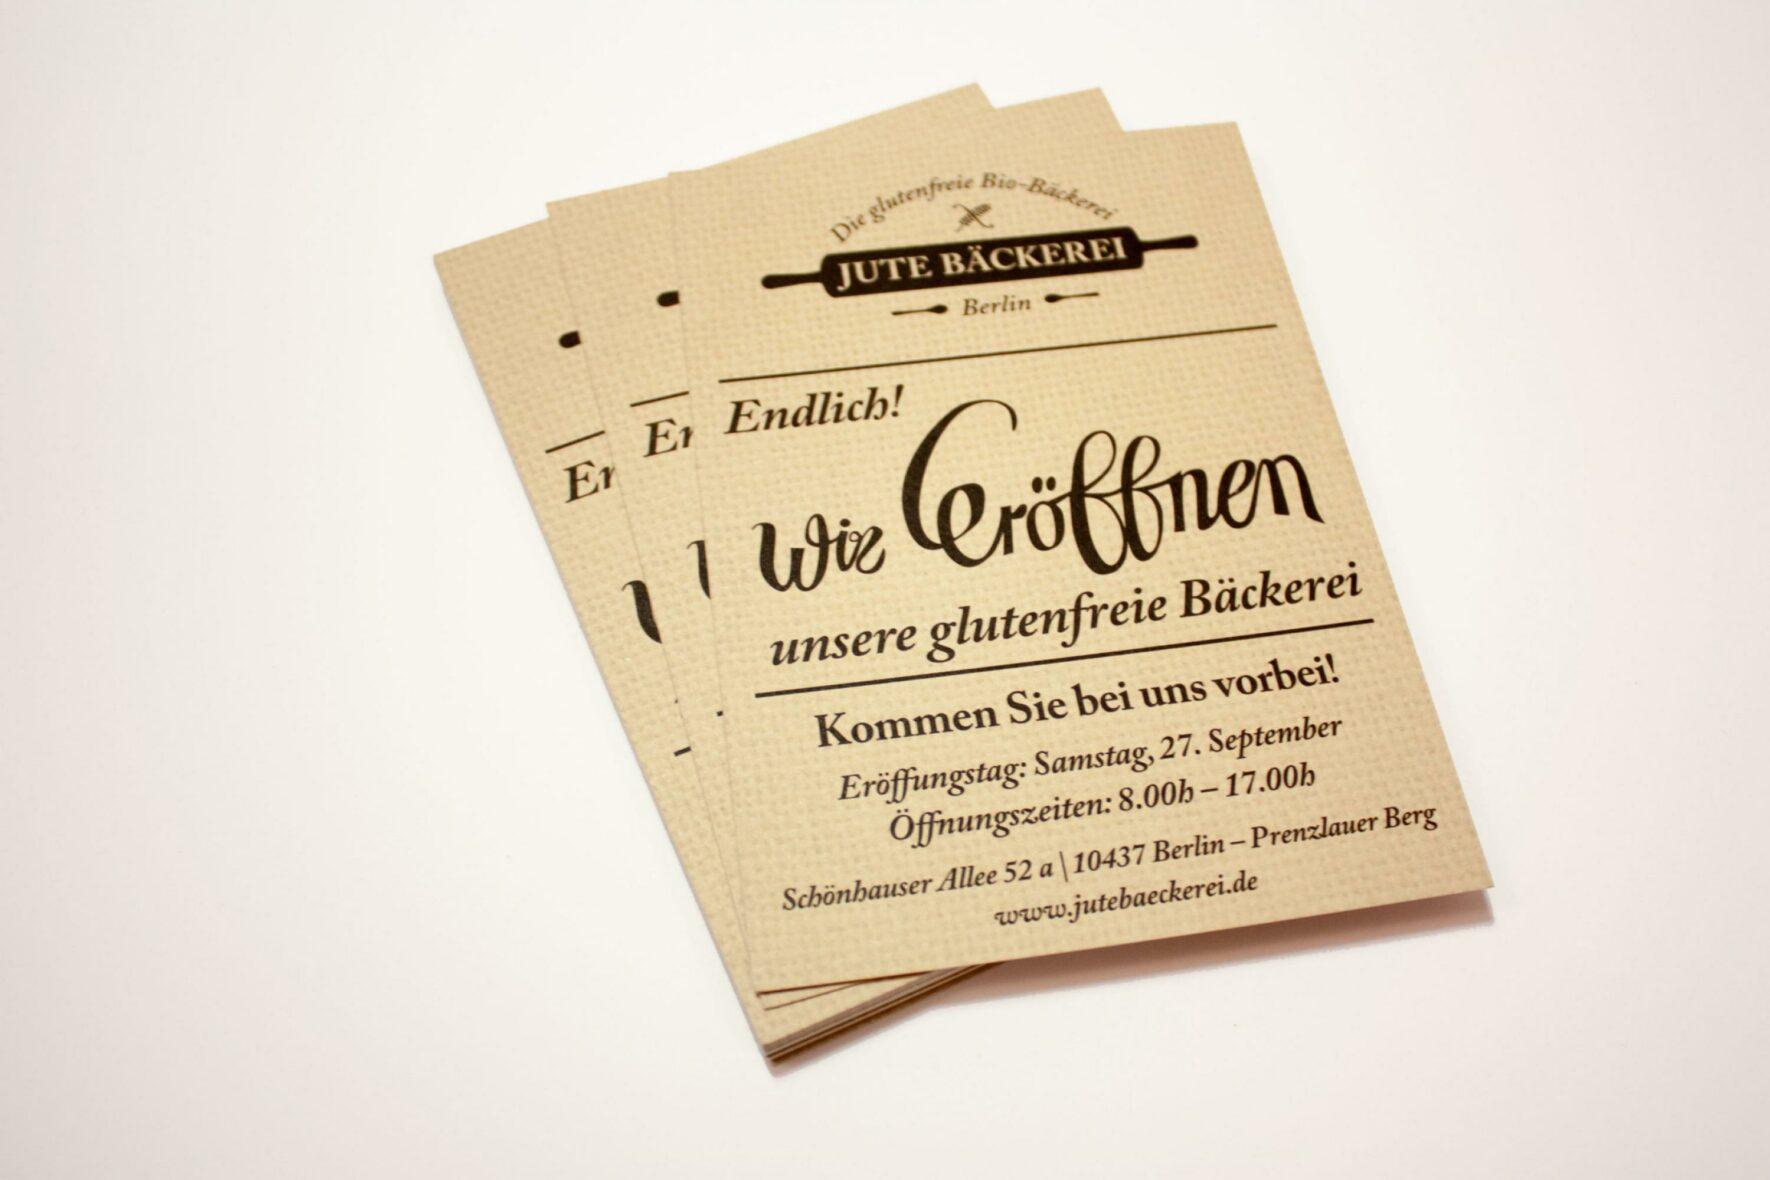 jute-baeckerei-print-flyer